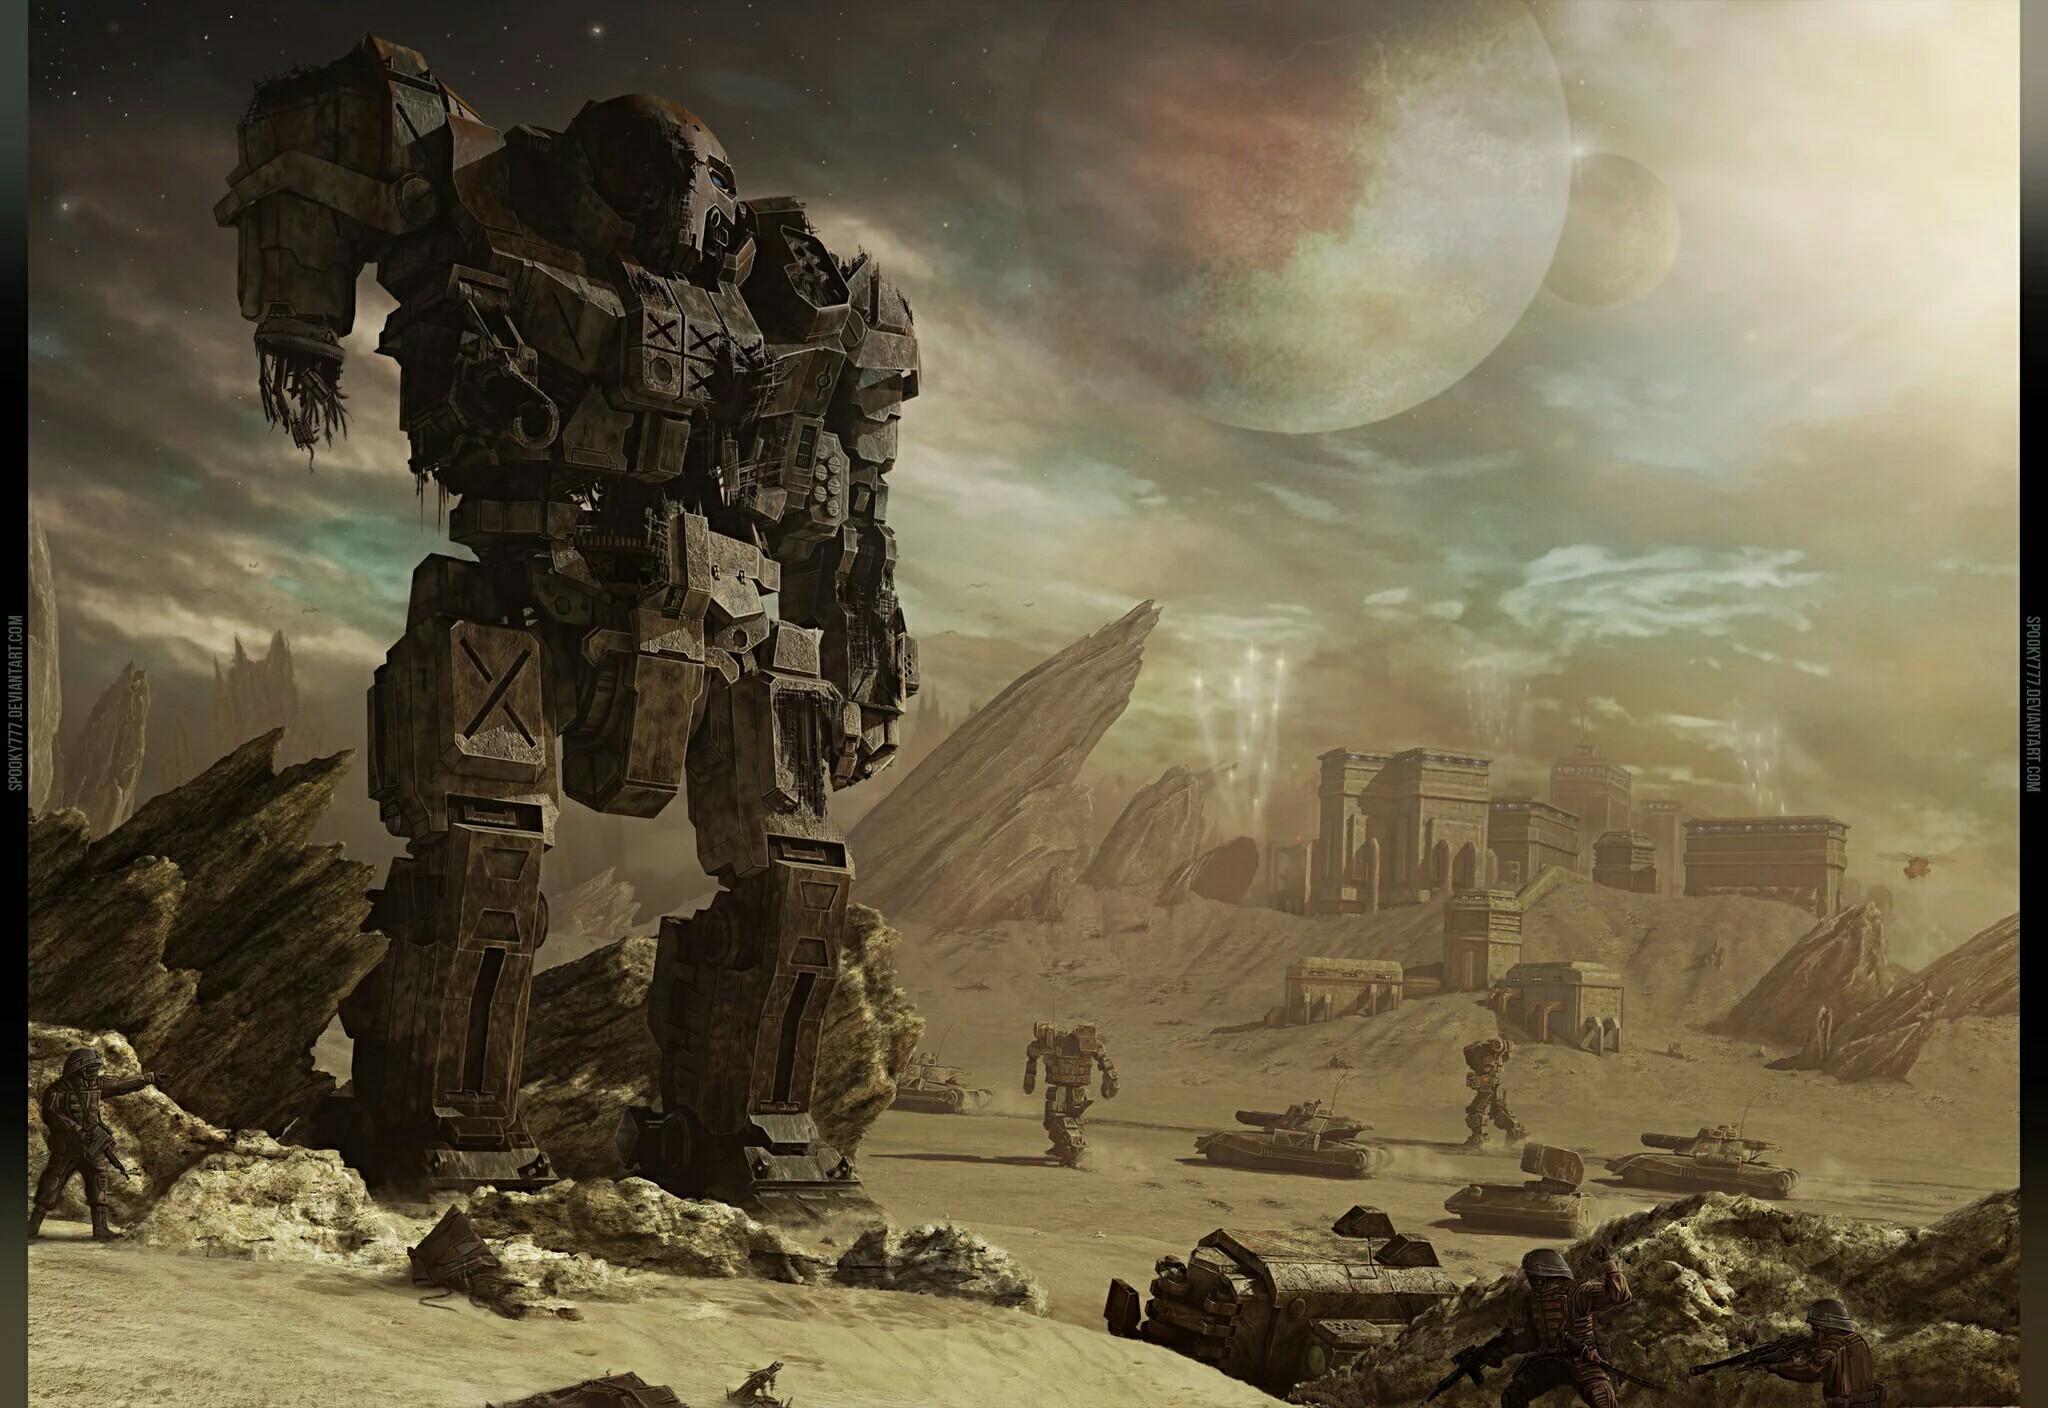 Atlas D.R.T. #Mechwarrior #battletech